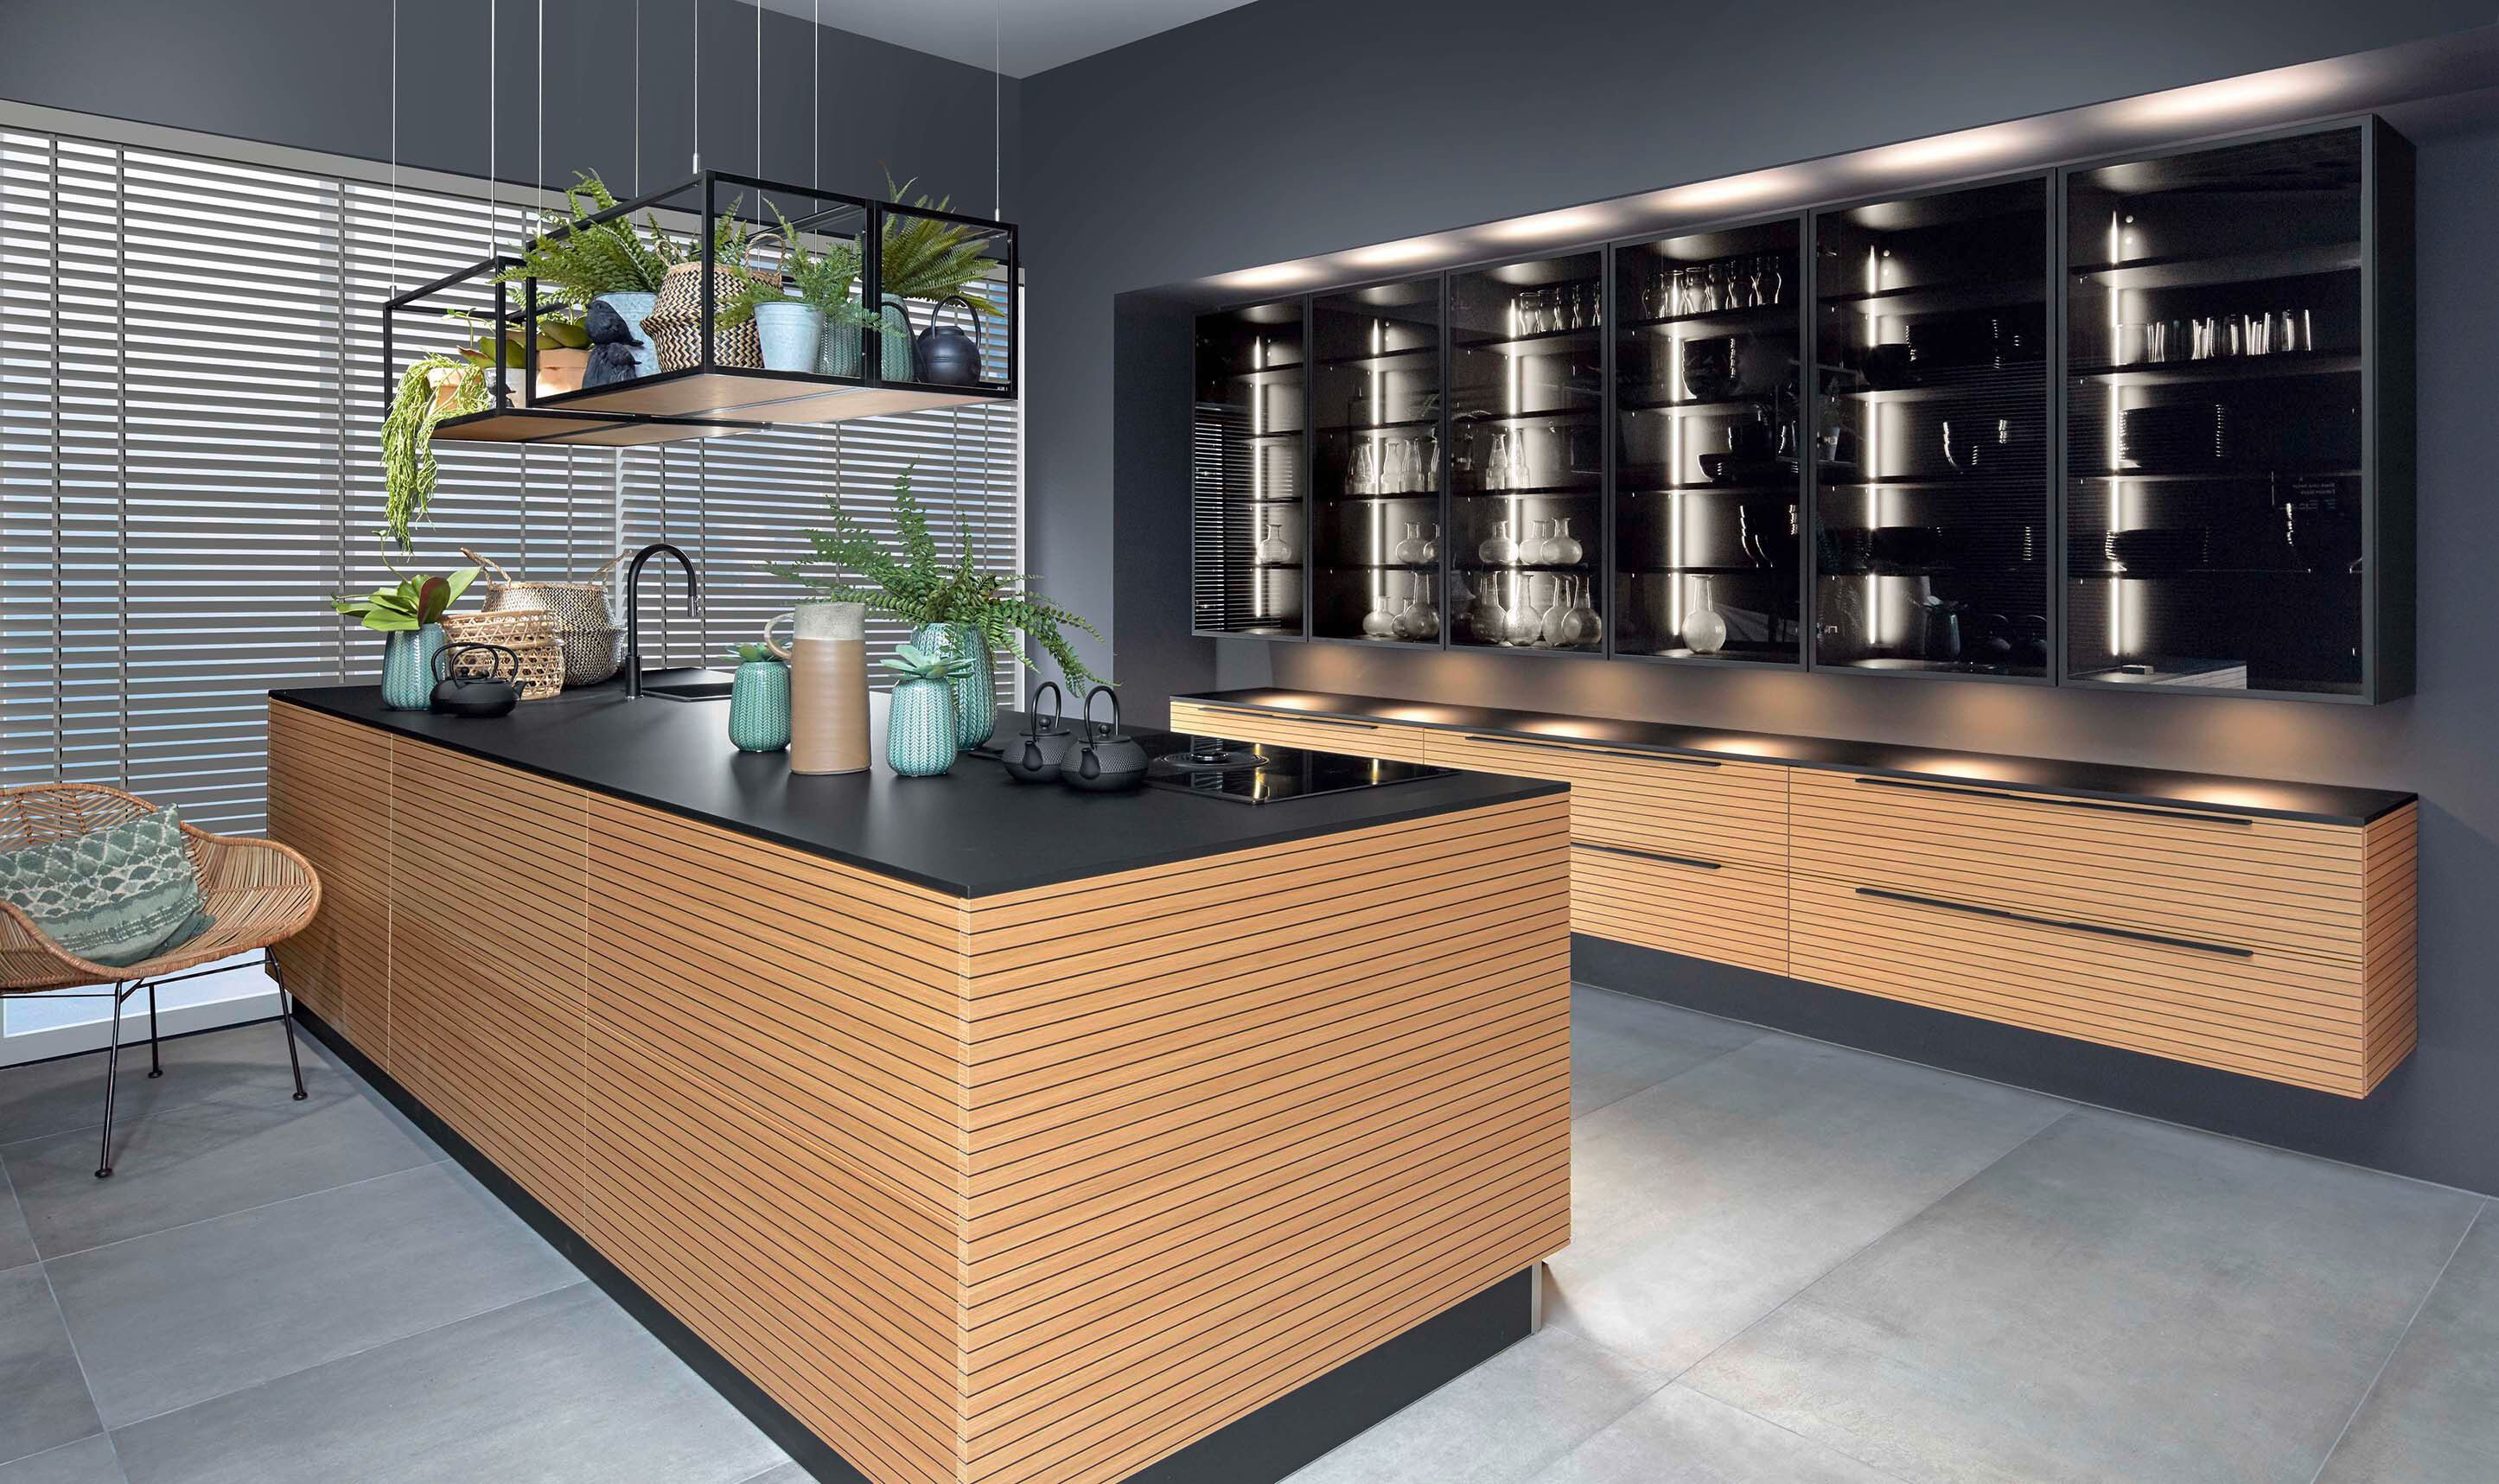 Cuisine Direct D Usine cuisine design: cuisiniste spécialiste des meubles de